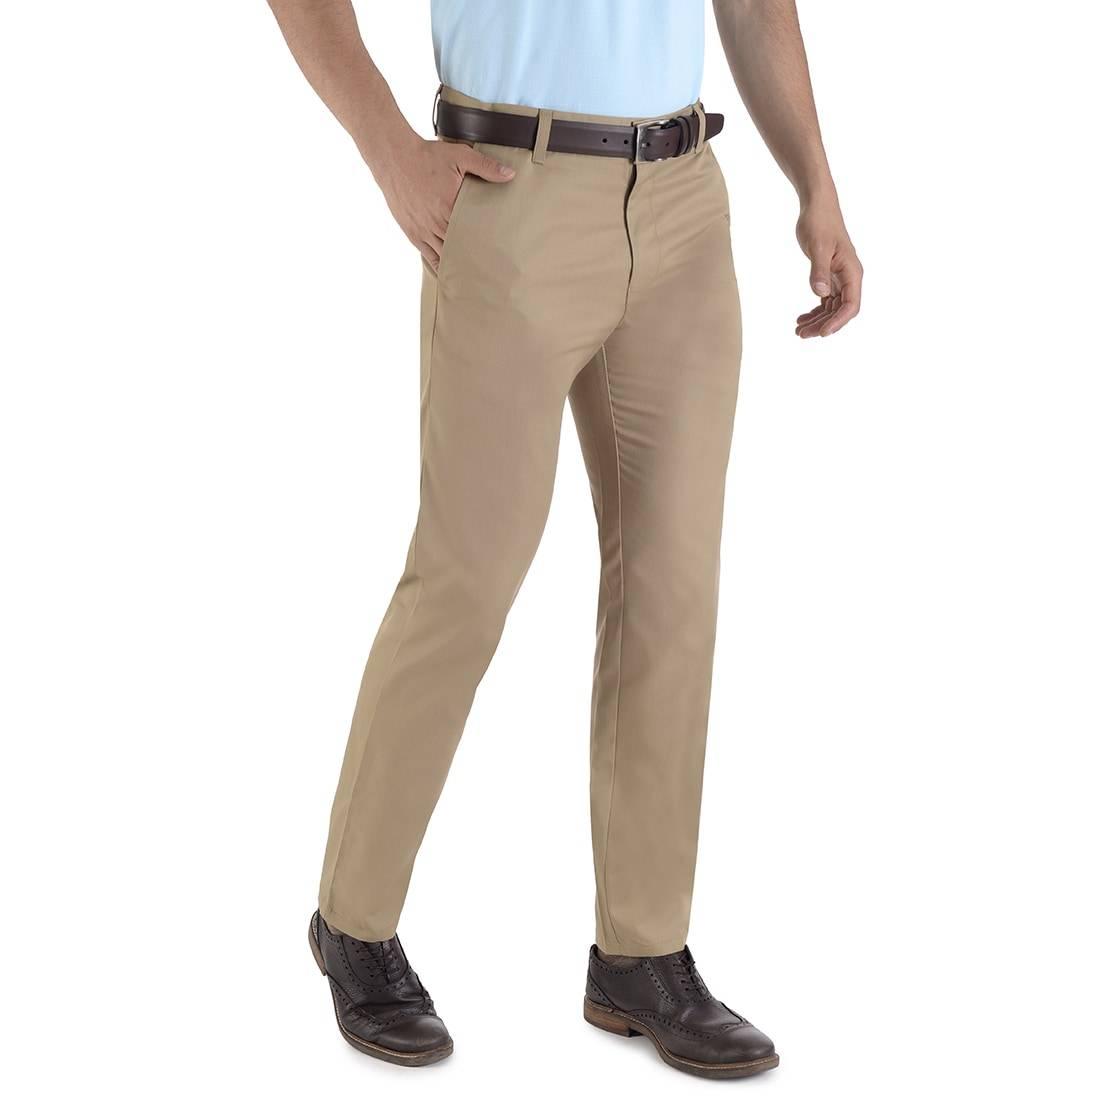 010920418967-01-Pantalon-Casual-Slim-Fit-Kaki-yale